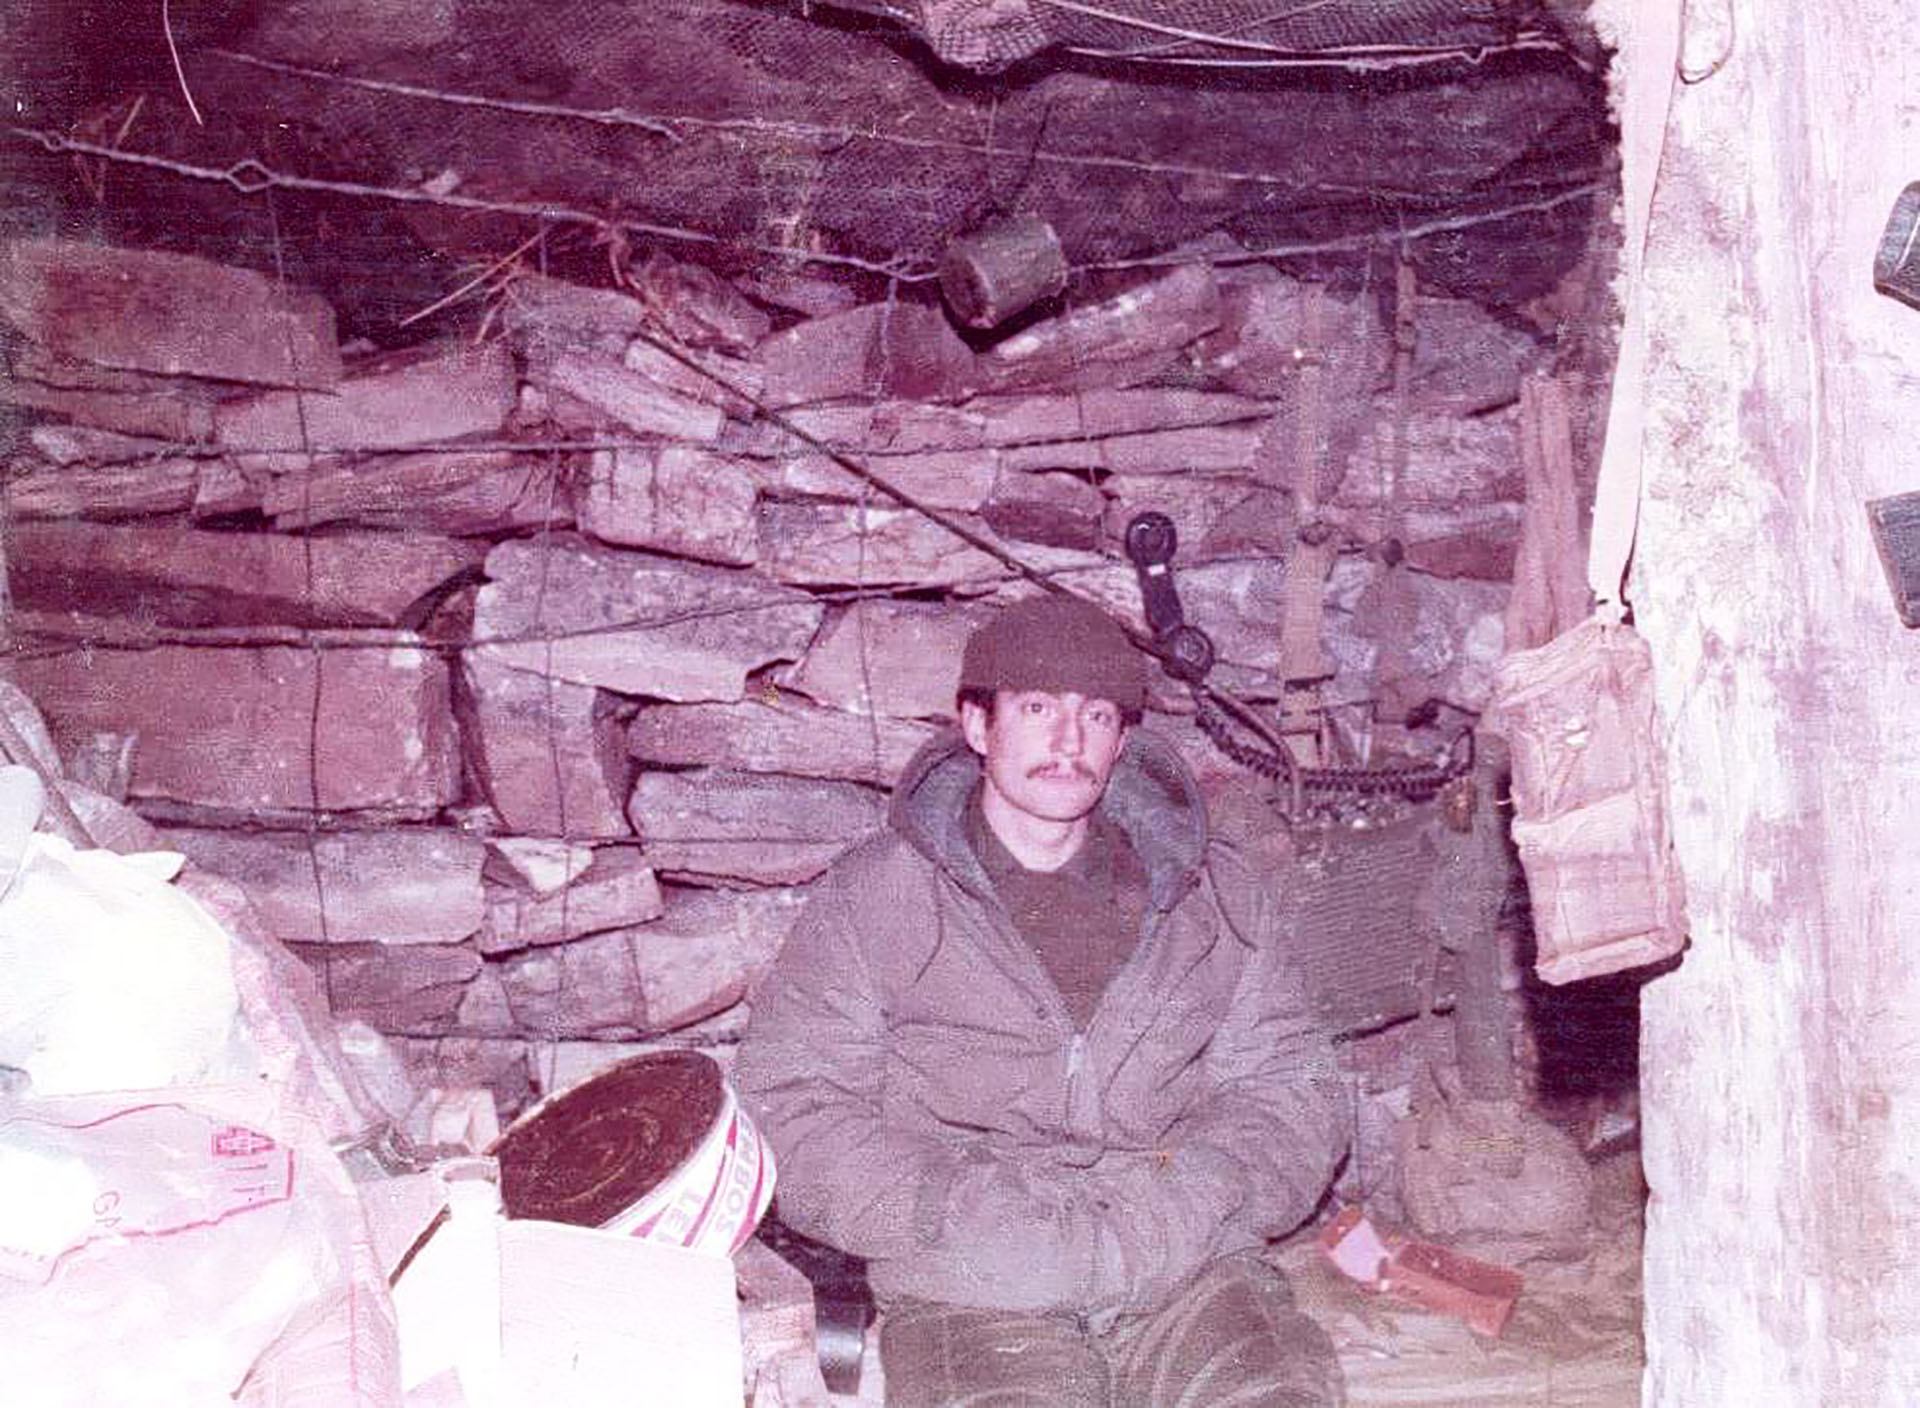 Malvinas 1982: Diego Carlos Arreseigor en su refugio en Monte Longdon